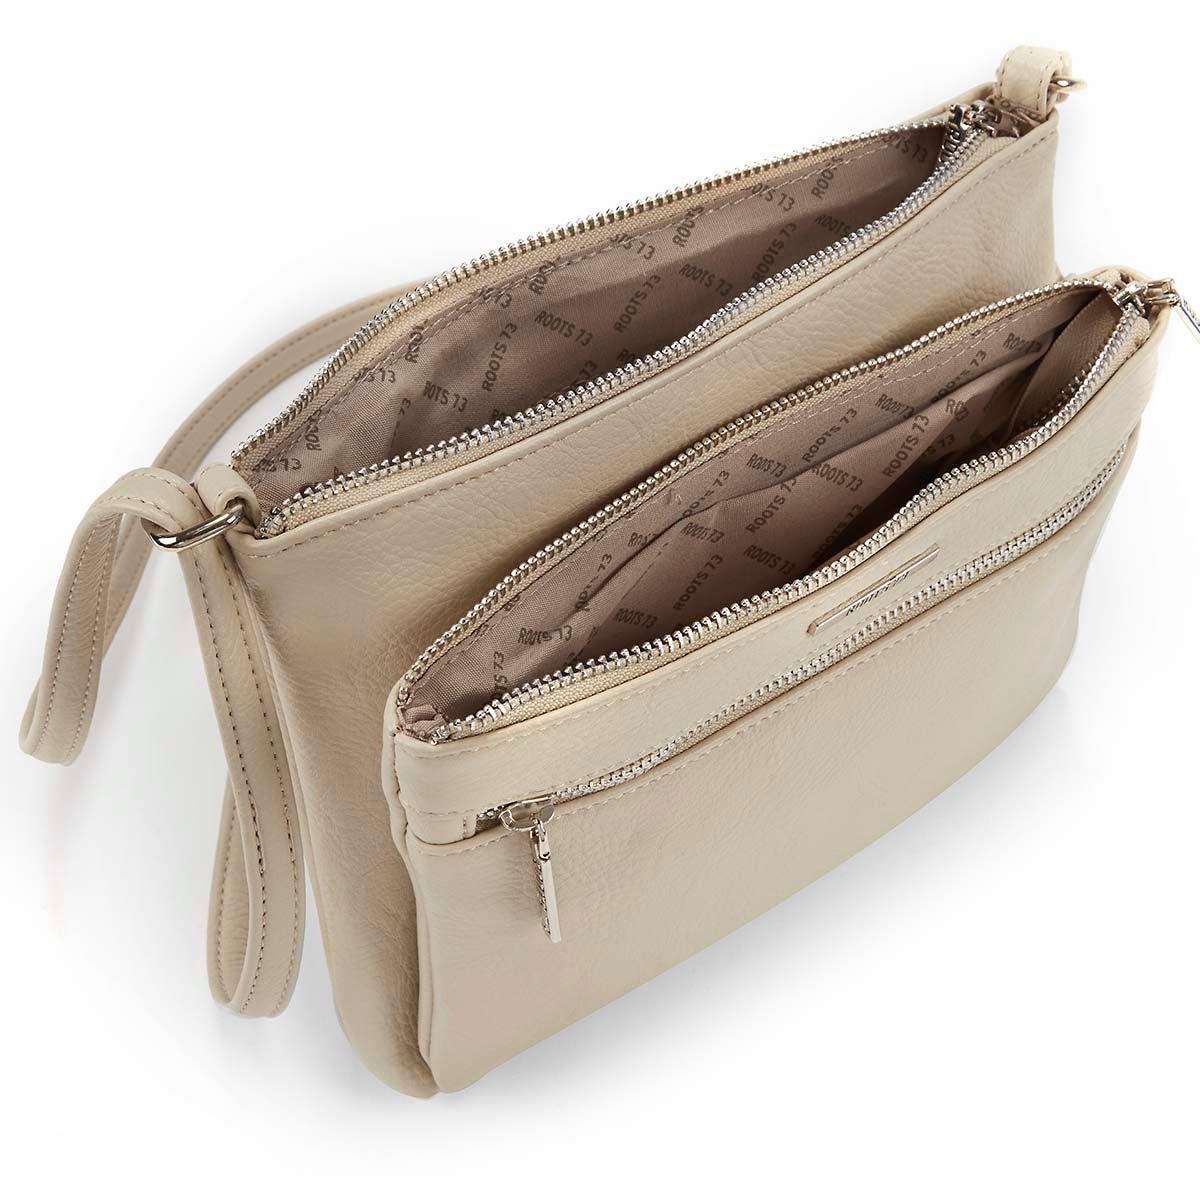 Lds Roots73 bge 3 zipper cross body bag